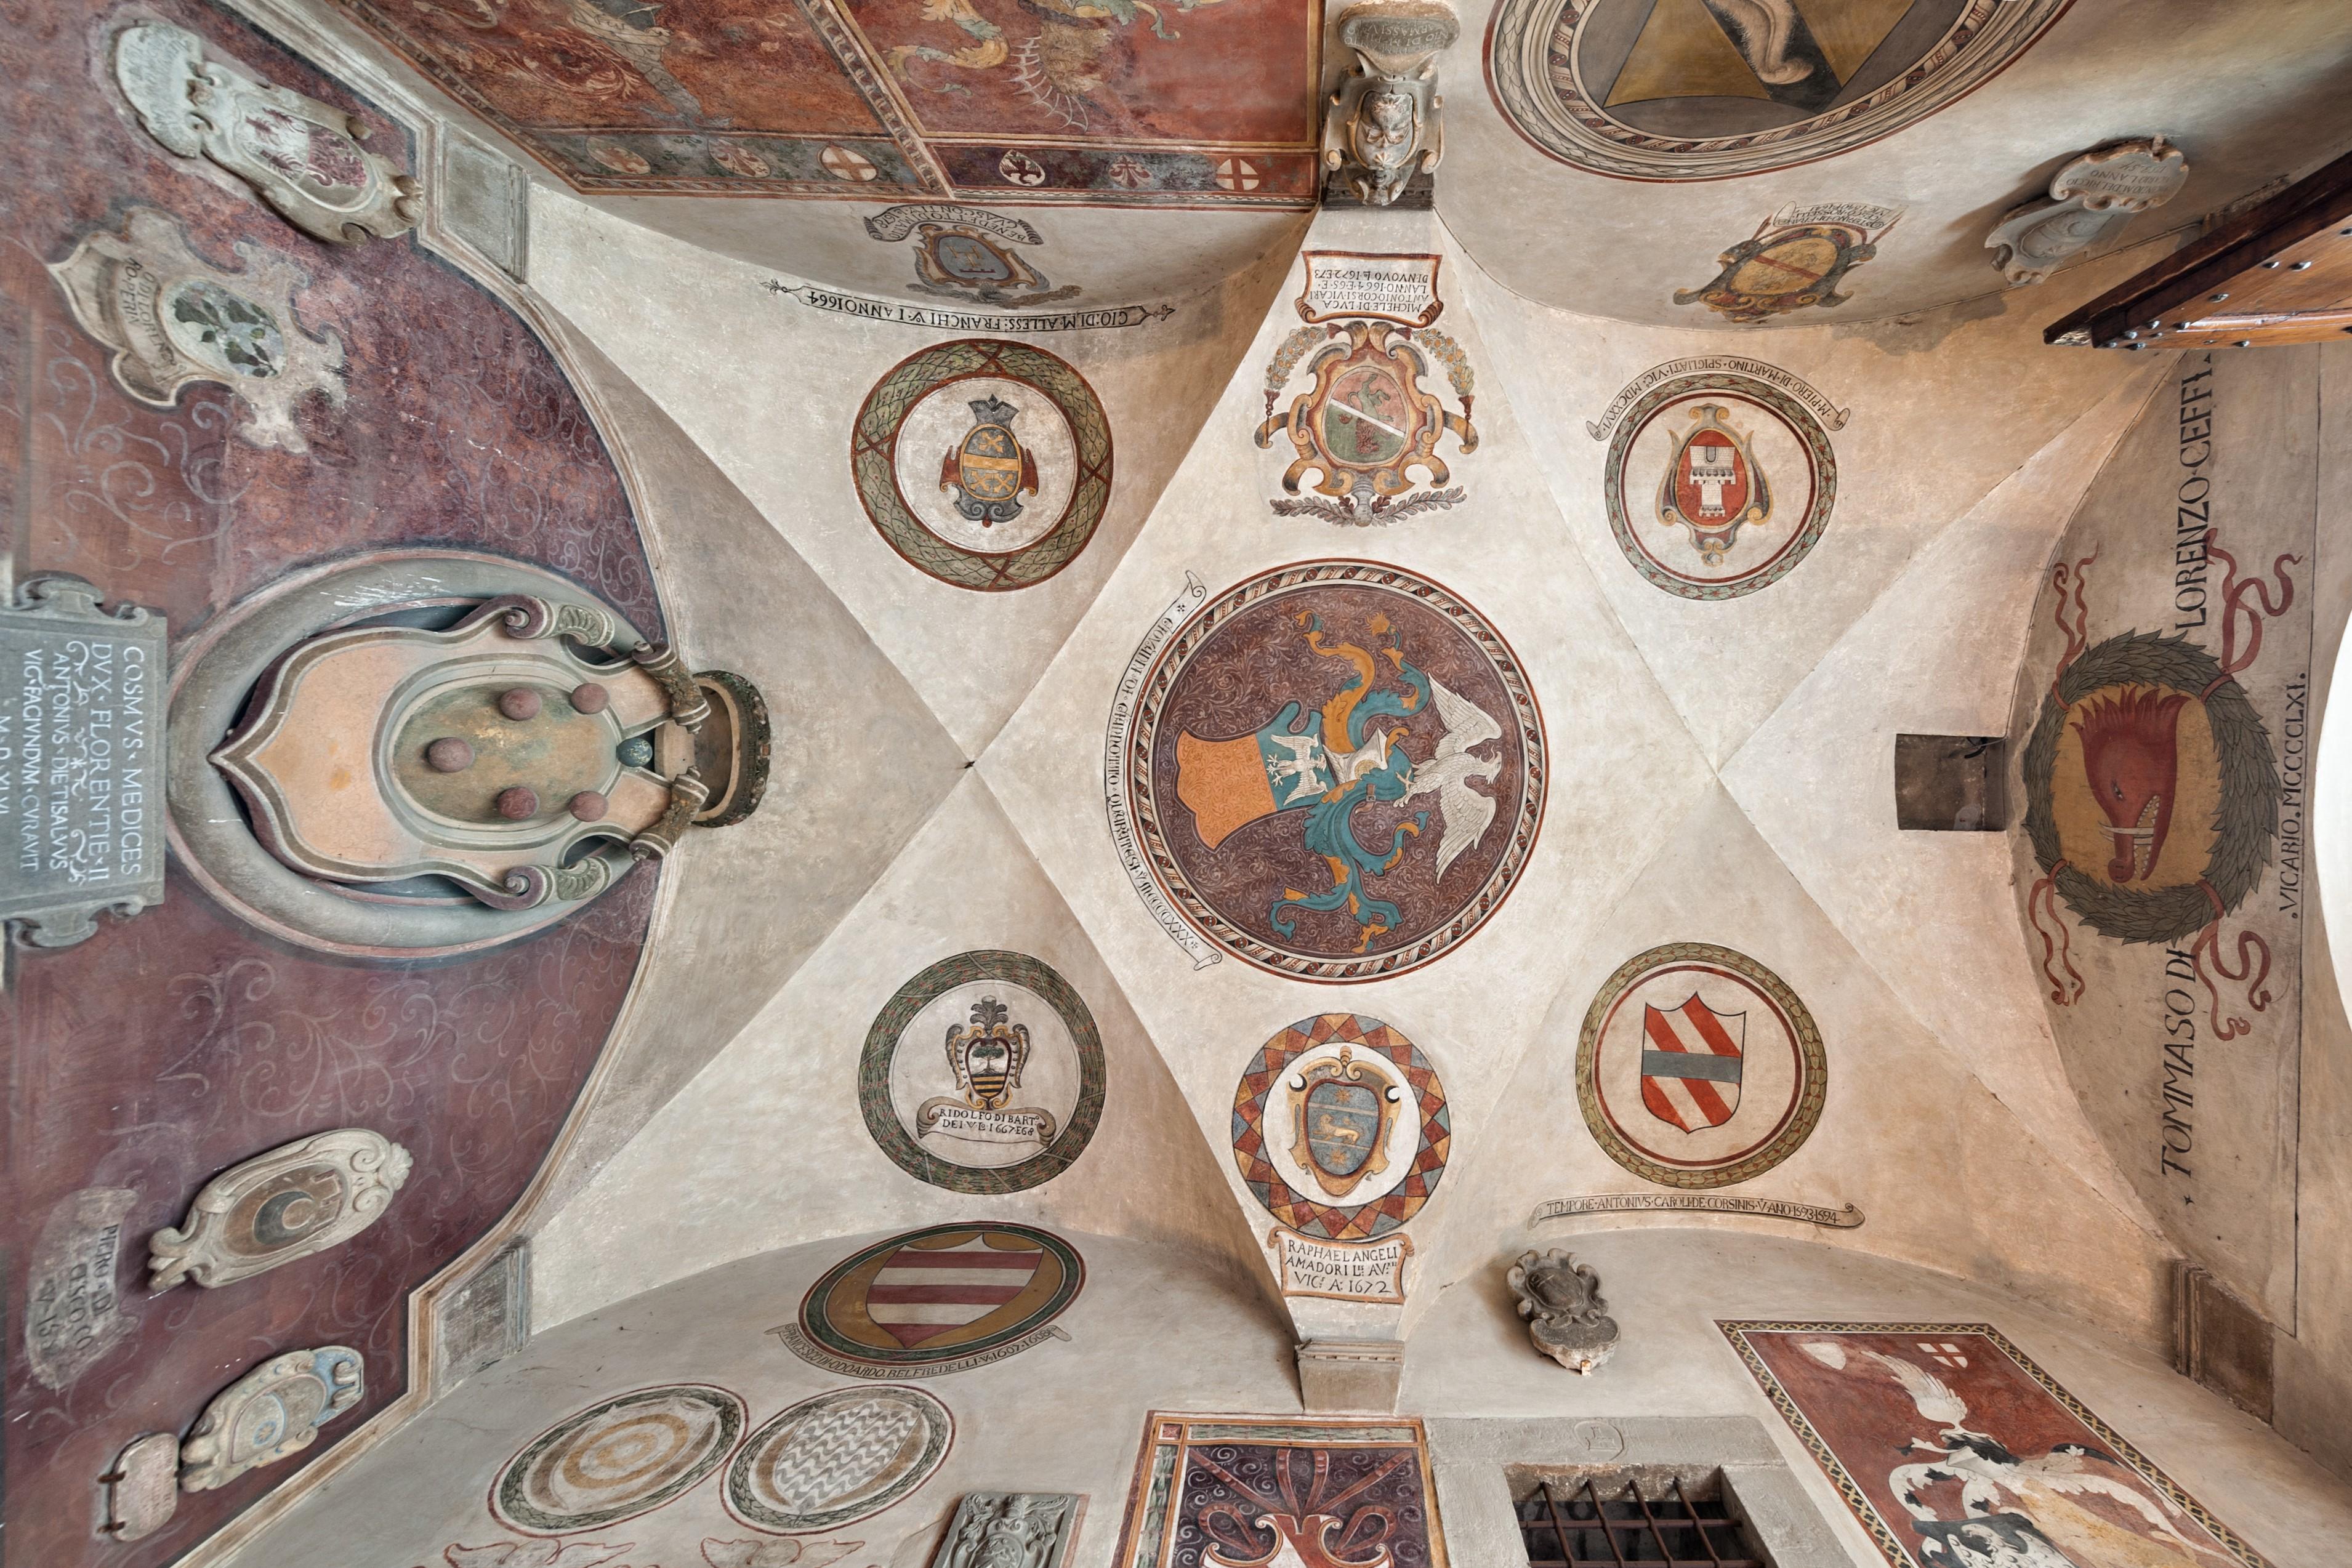 Atrio Palazzo Vicari e Museo Ferri Taglienti